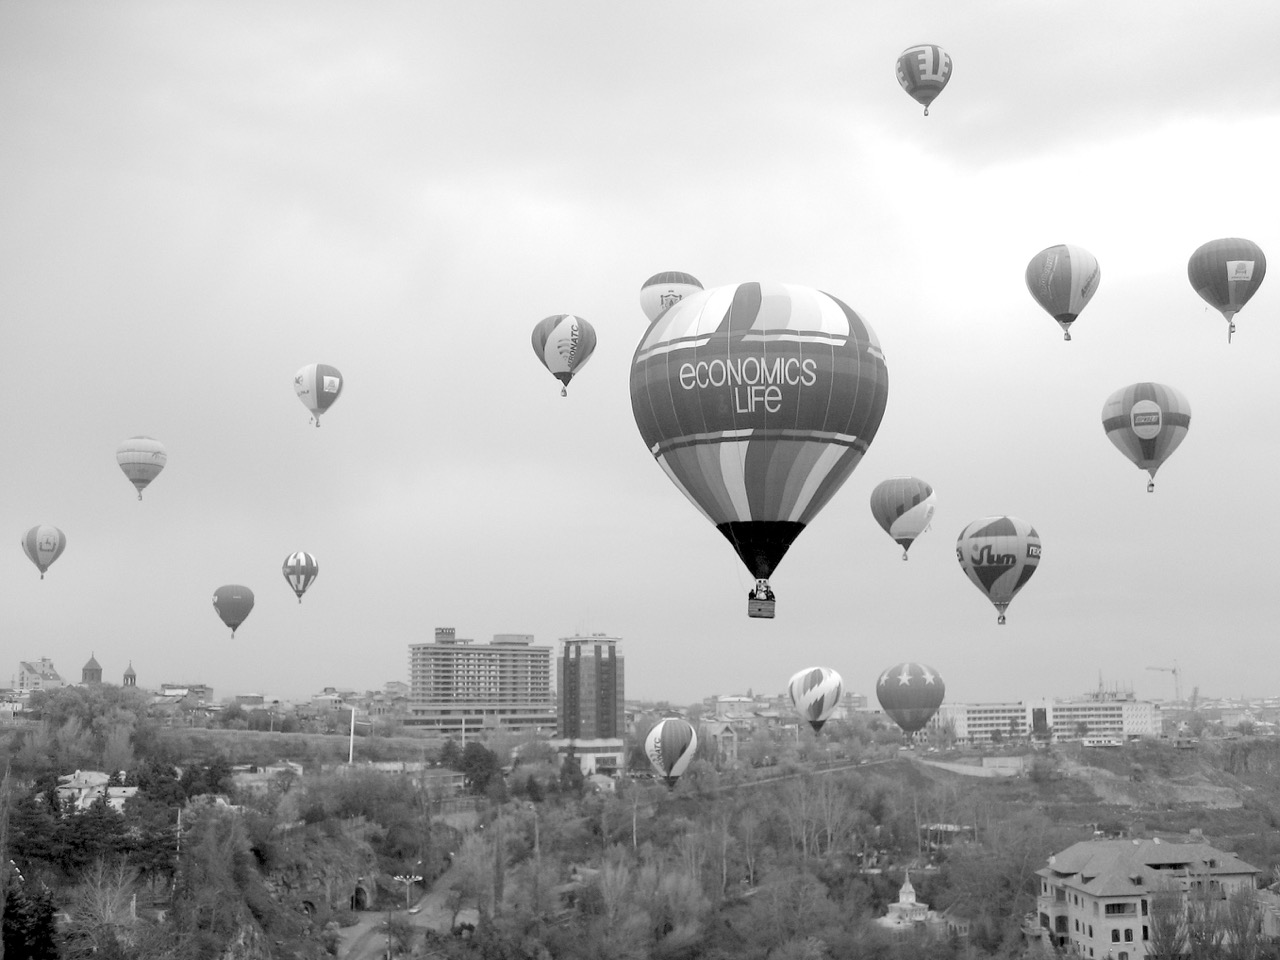 Foto: Heißluftballons. Aus: Eriwan. Kapitel 3. Aufzeichnungen aus Armenien von Marc Degens.